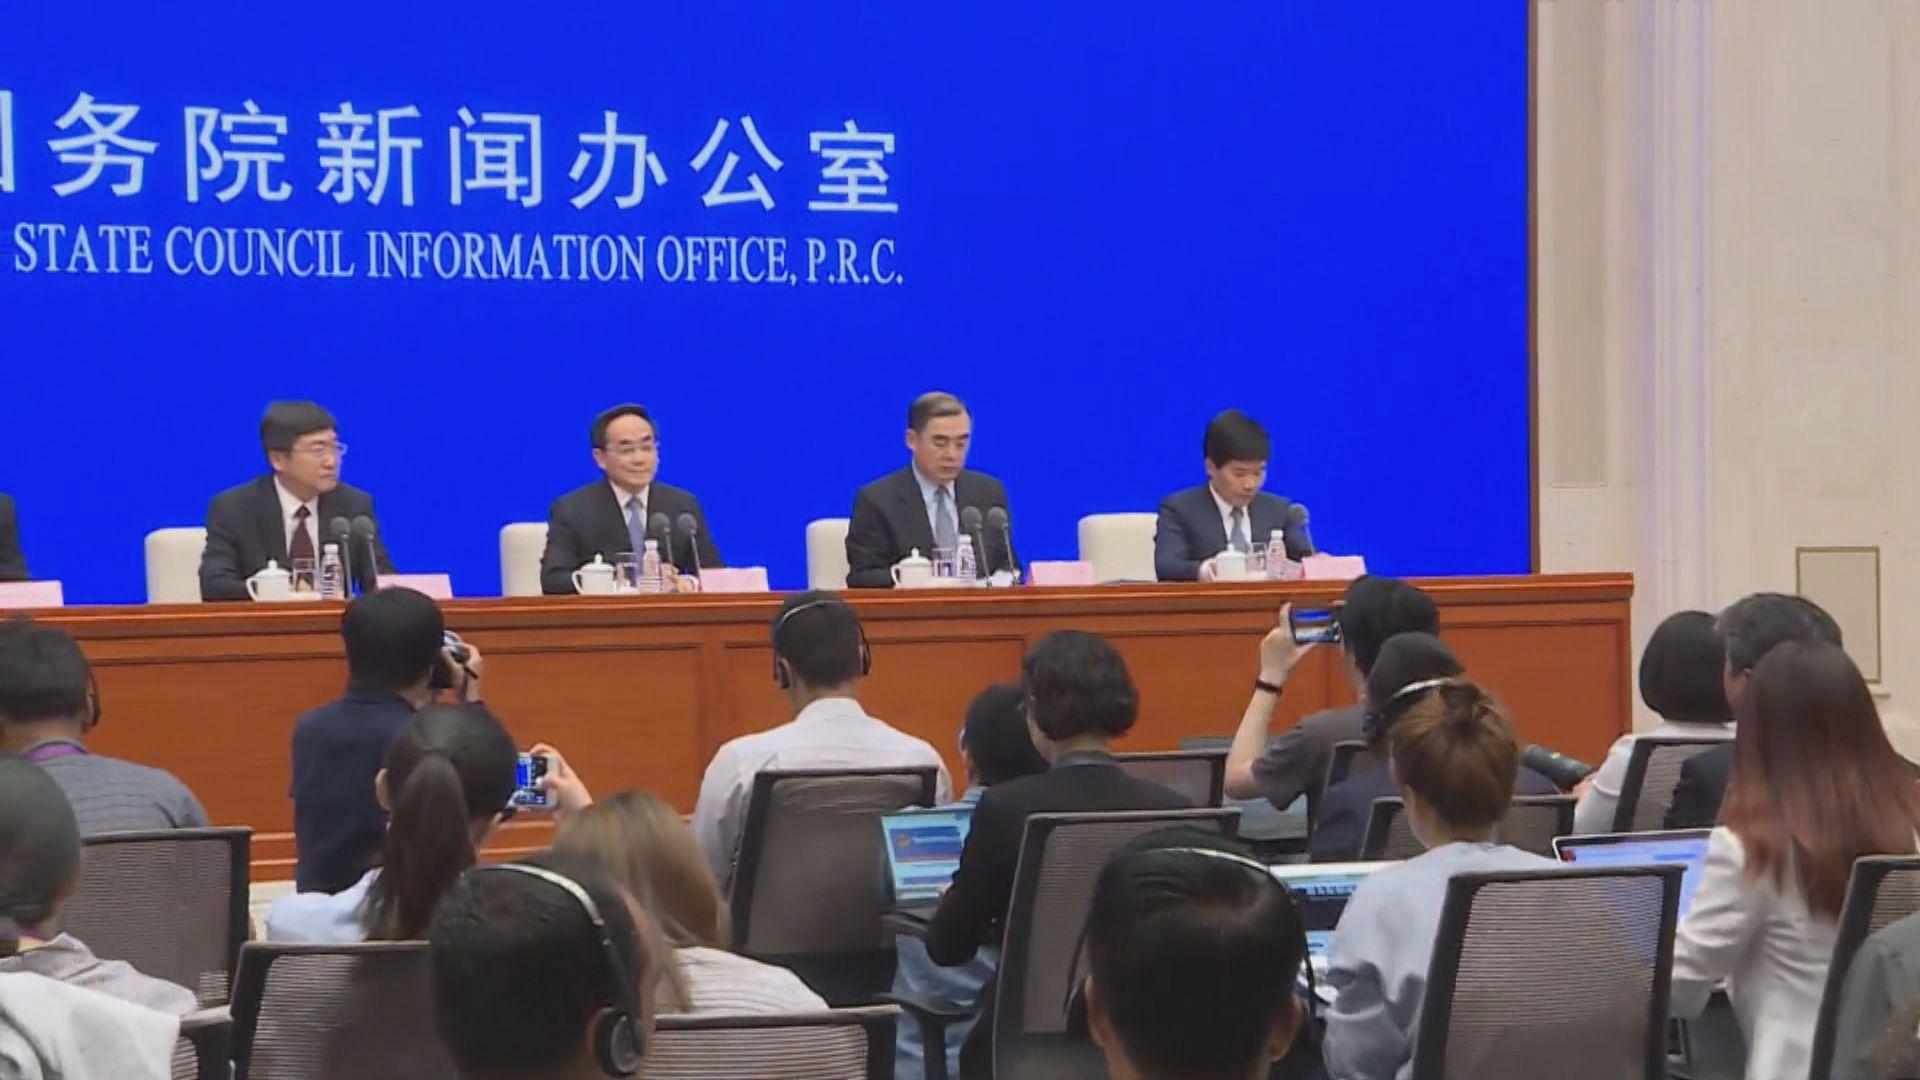 中國籌辦文明對話大會否認聯合多國抗衡西方